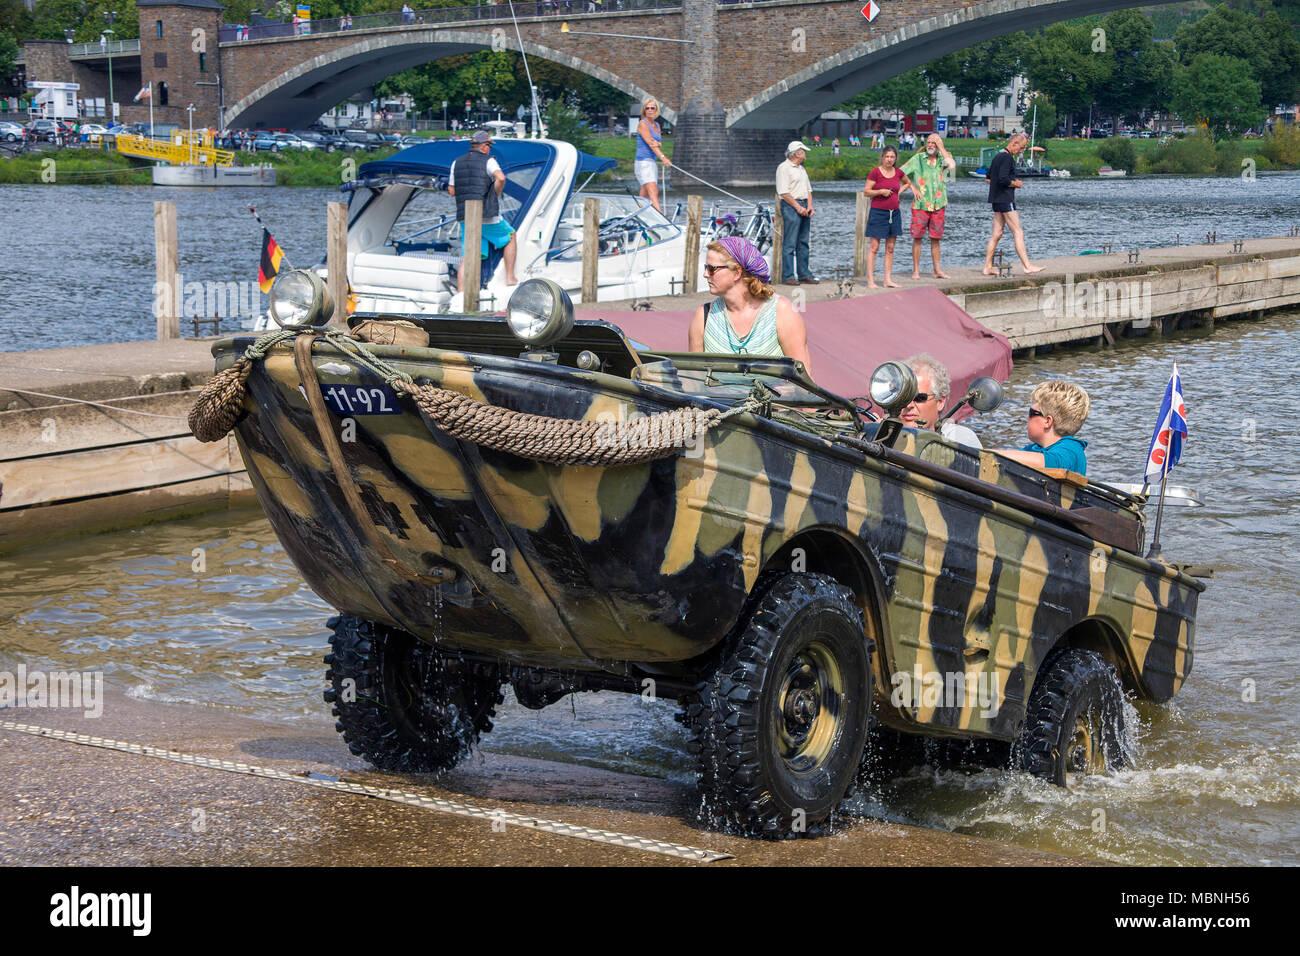 Conduite du véhicule amphibie militaire hors de l'eau à la rivière Moselle, Cochem, Rhénanie-Palatinat, Allemagne Banque D'Images